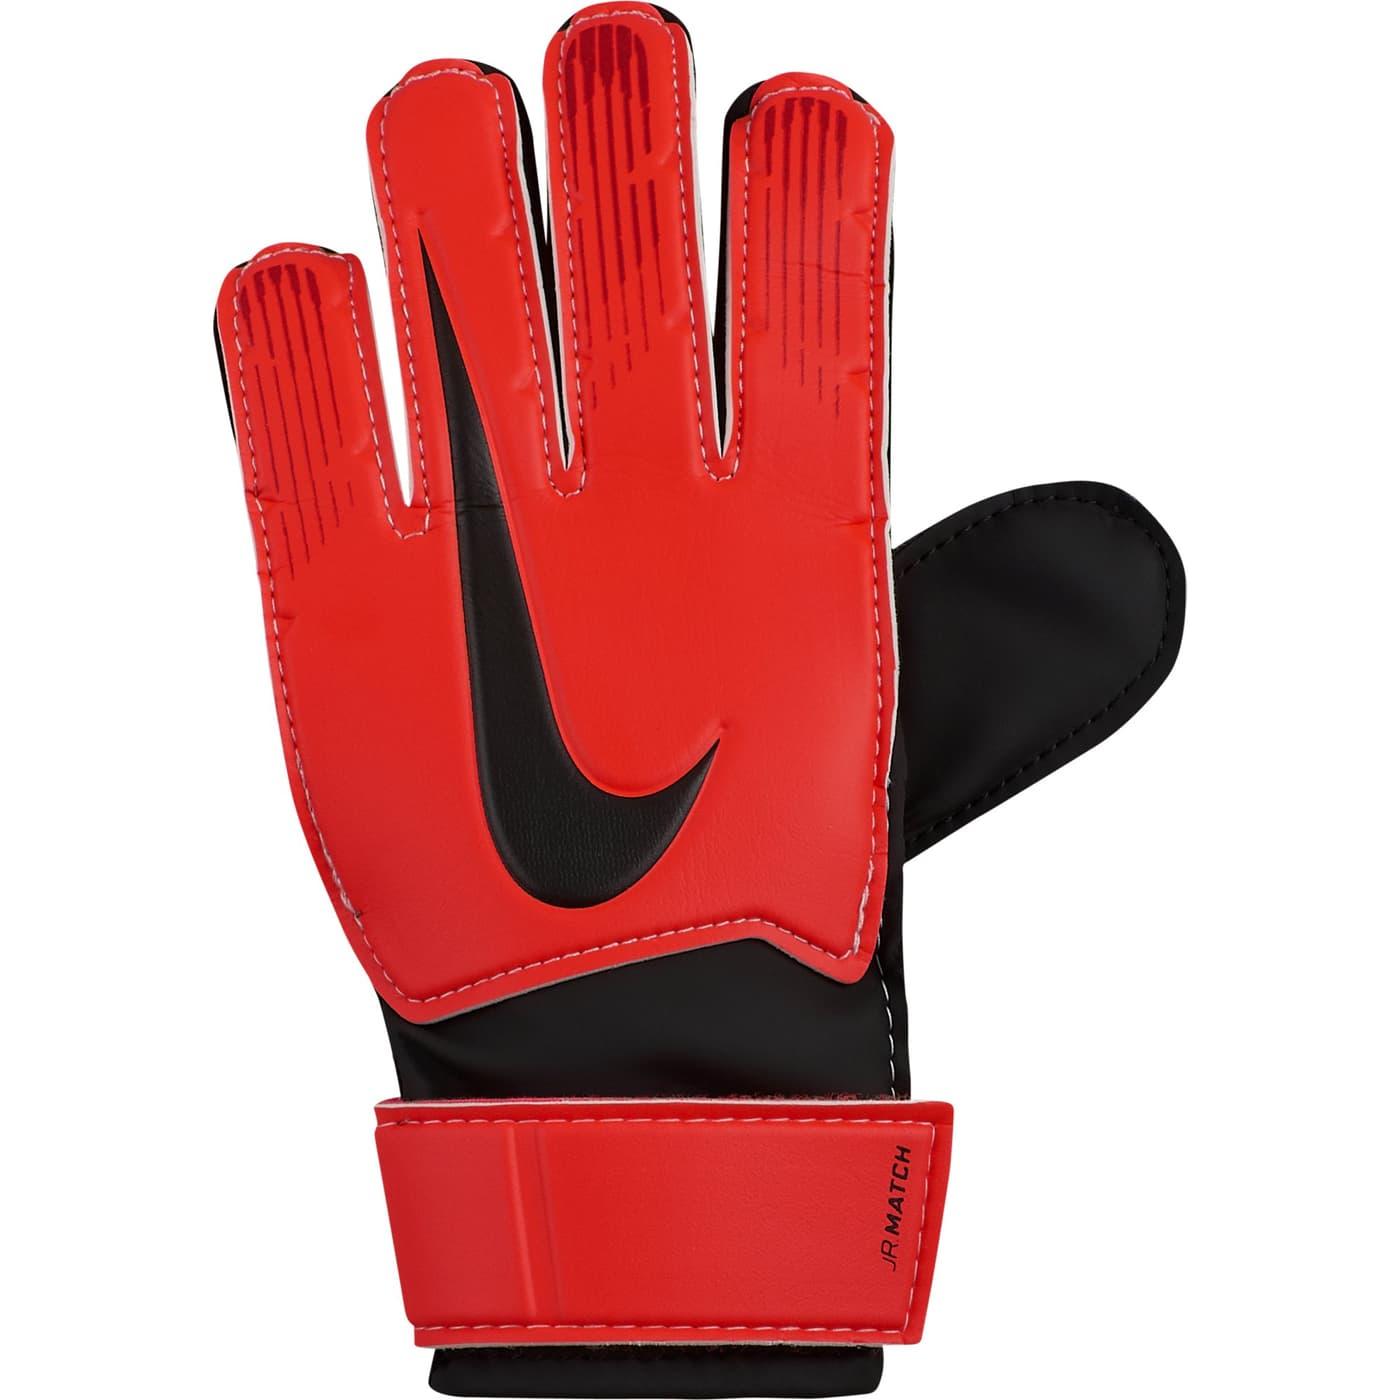 sports shoes bd82e 56d70 Nike Junior Match Goalkeeper Kinder-Fussball-Goalie-Handschuhe | Migros